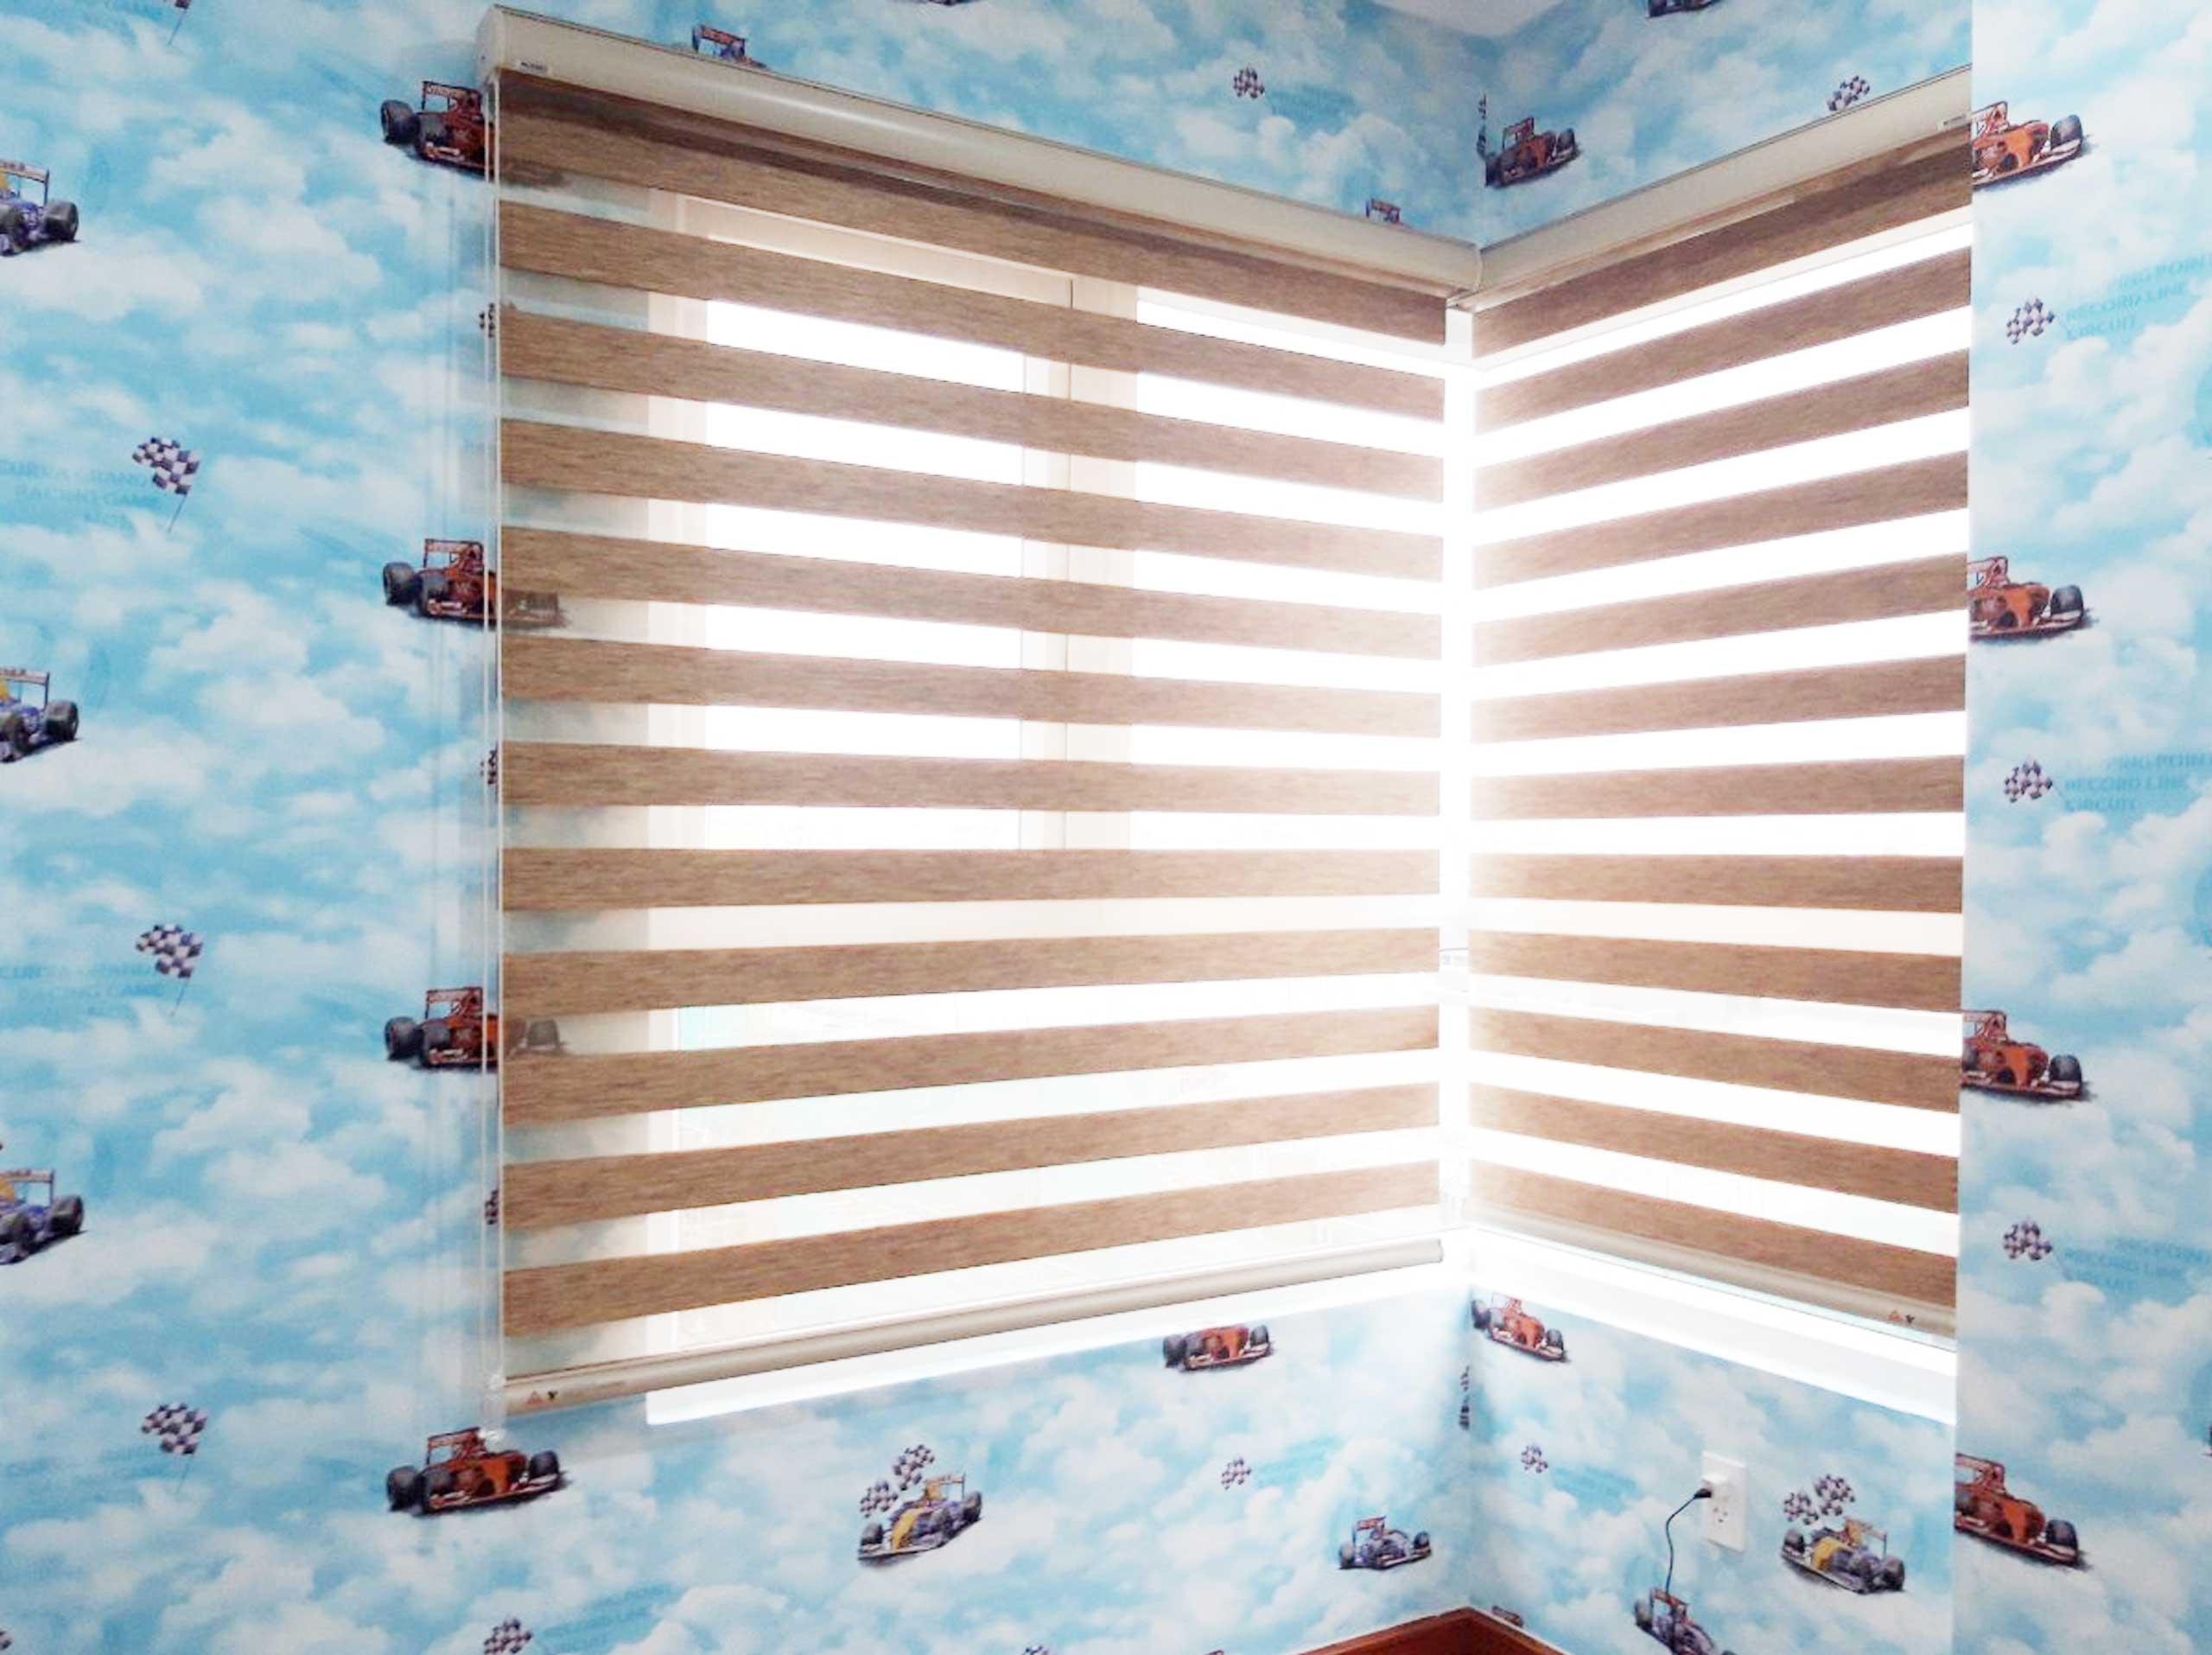 Rèm cầu vồng cho cửa sổ phòng ngủ